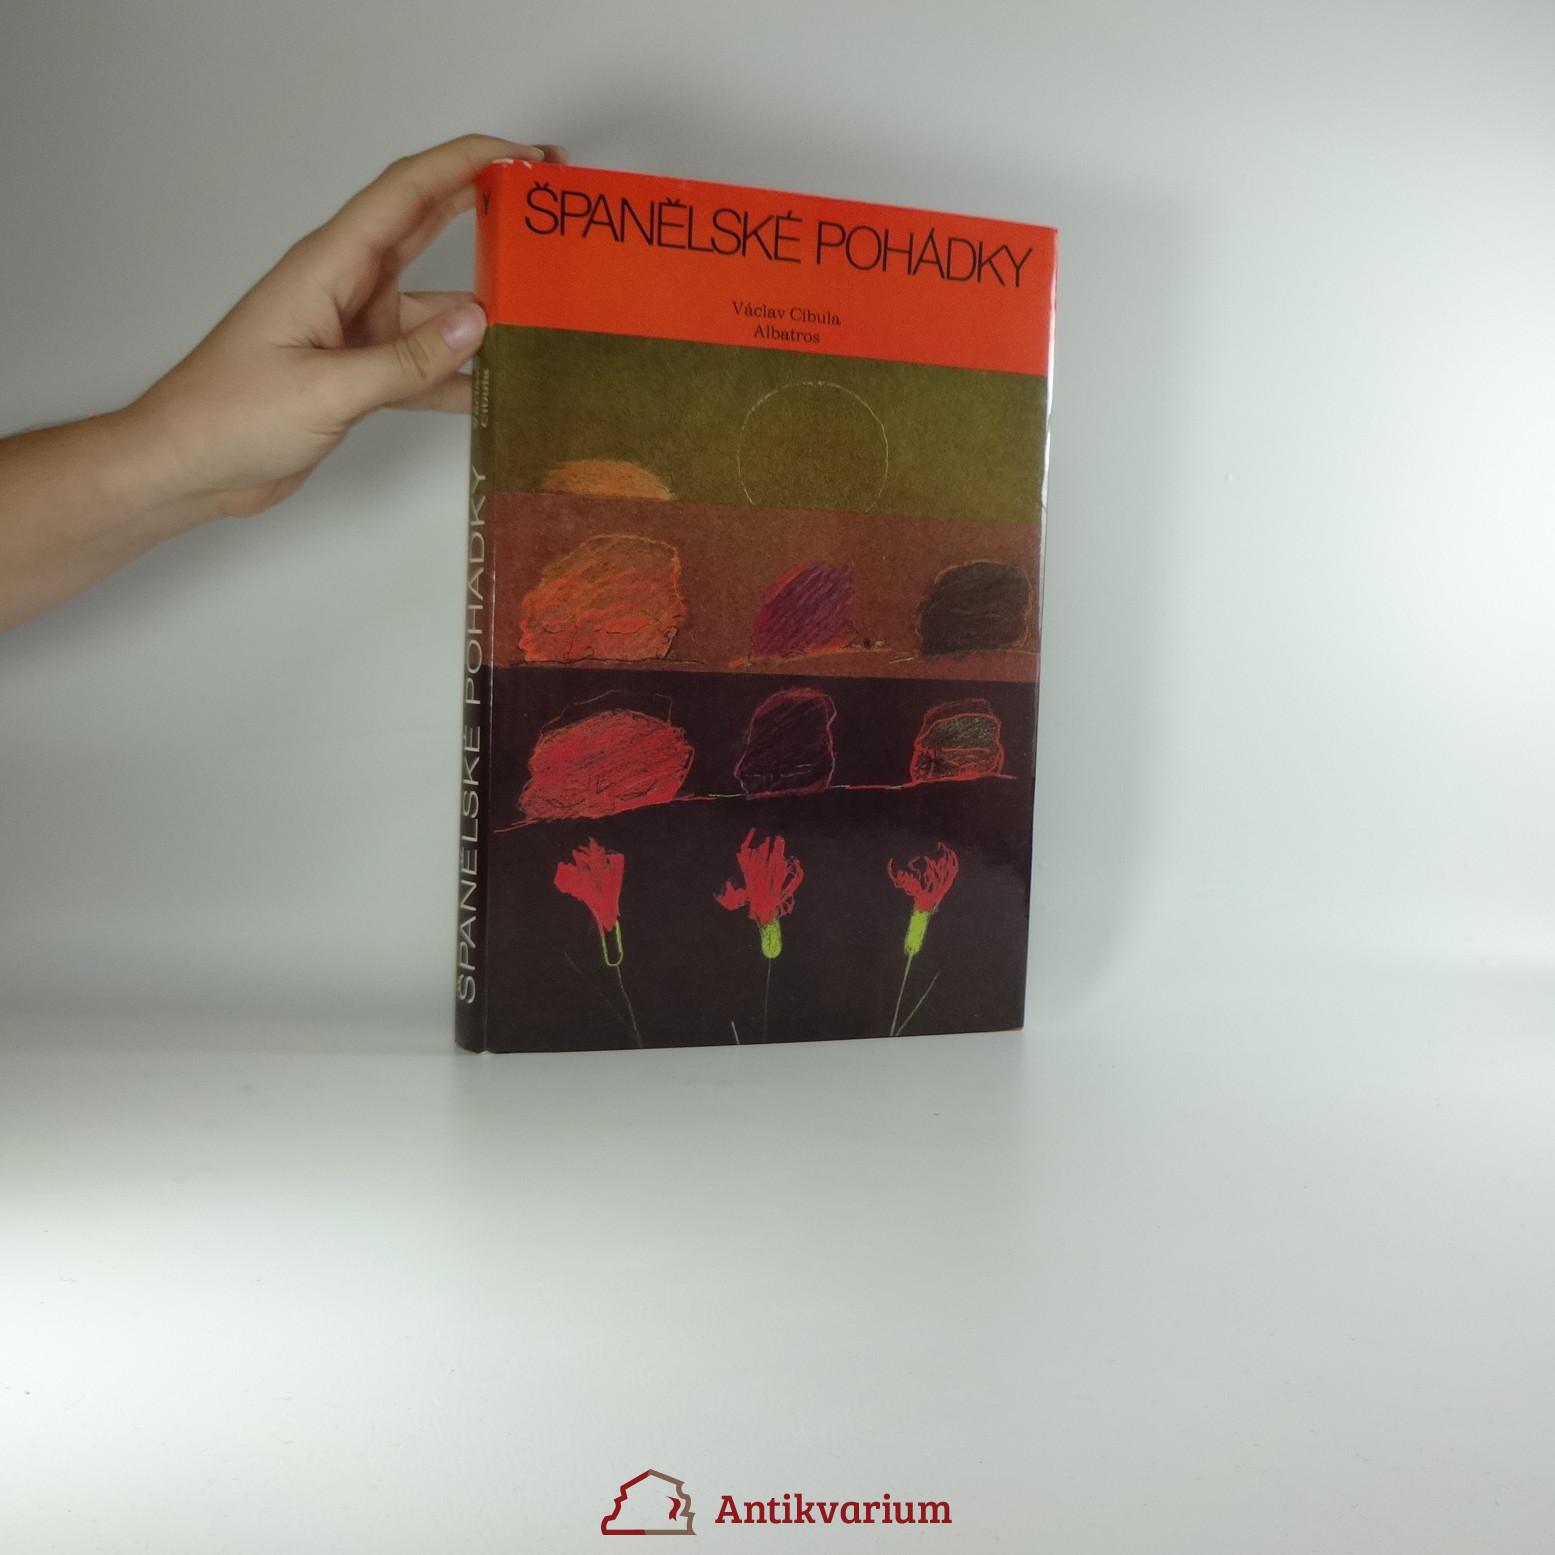 antikvární kniha Španělské pohádky, 1984